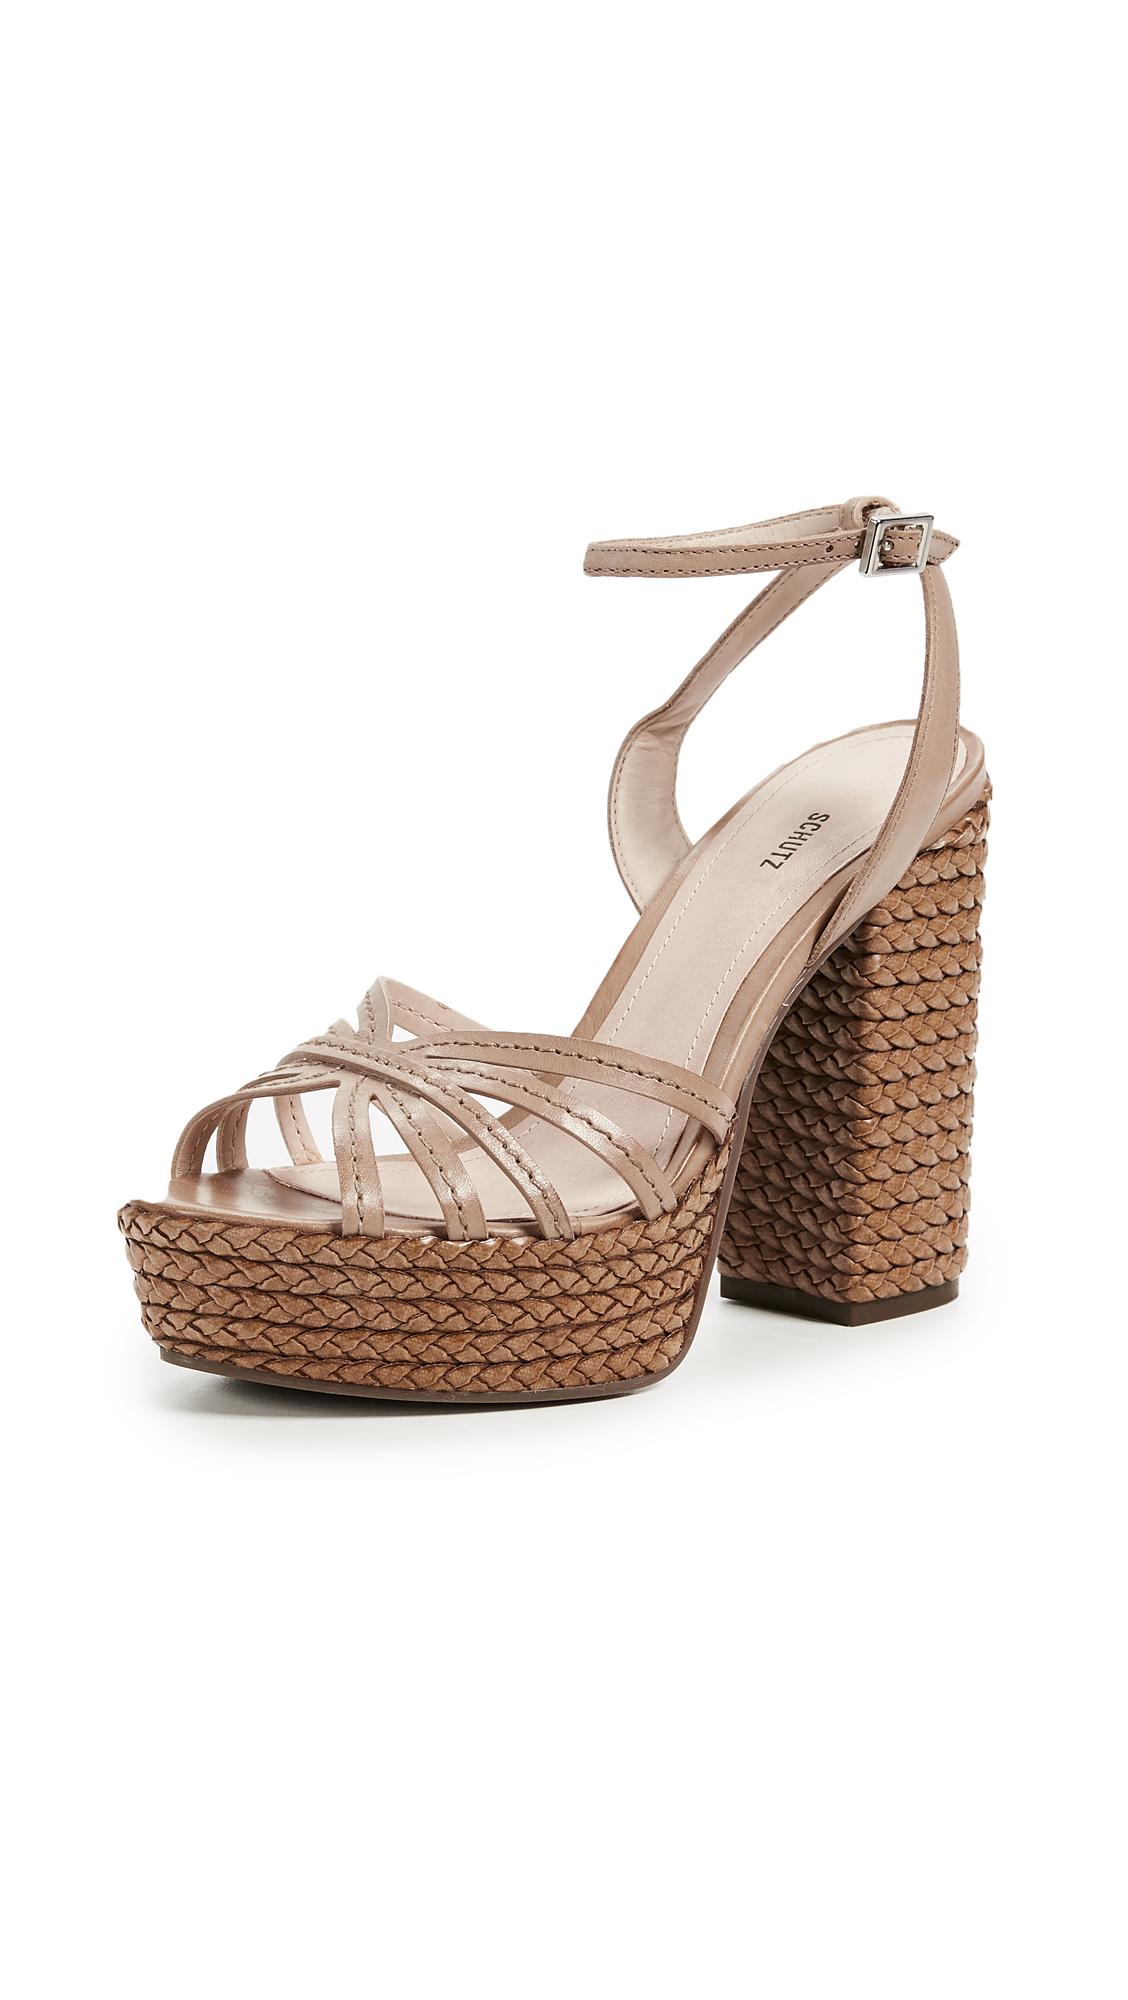 Schutz Hortencia Platform Sandals - Desert